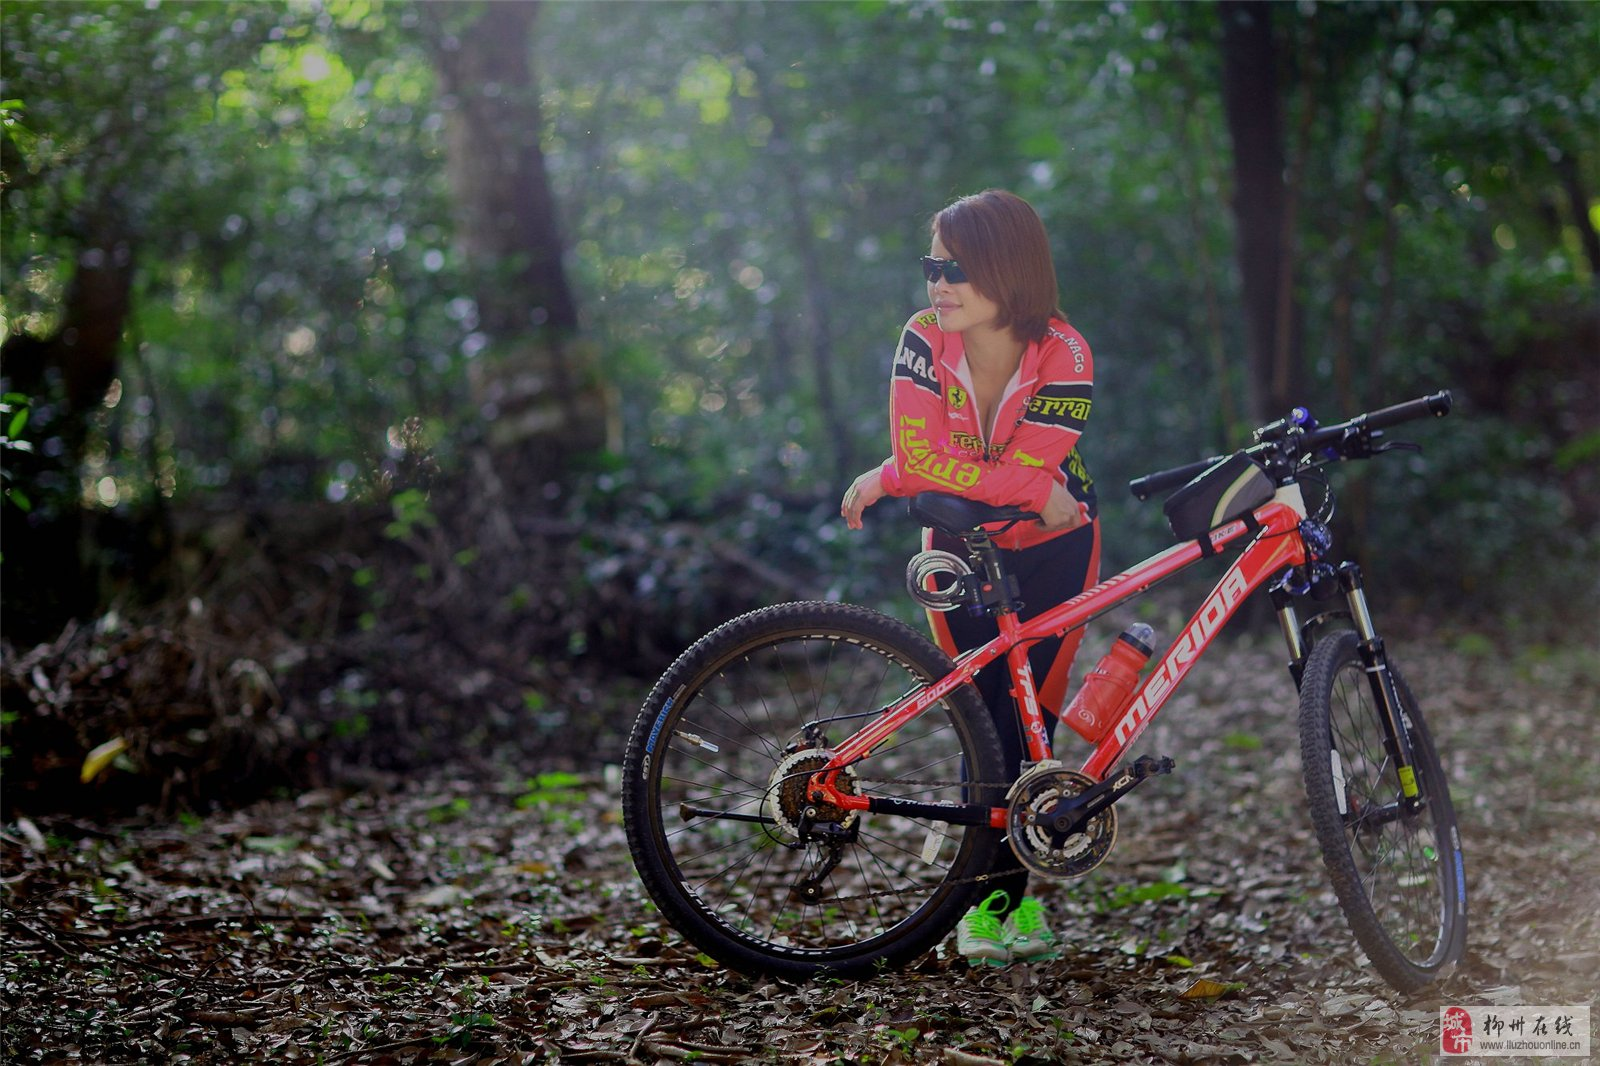 美女与山地车 草根摄影